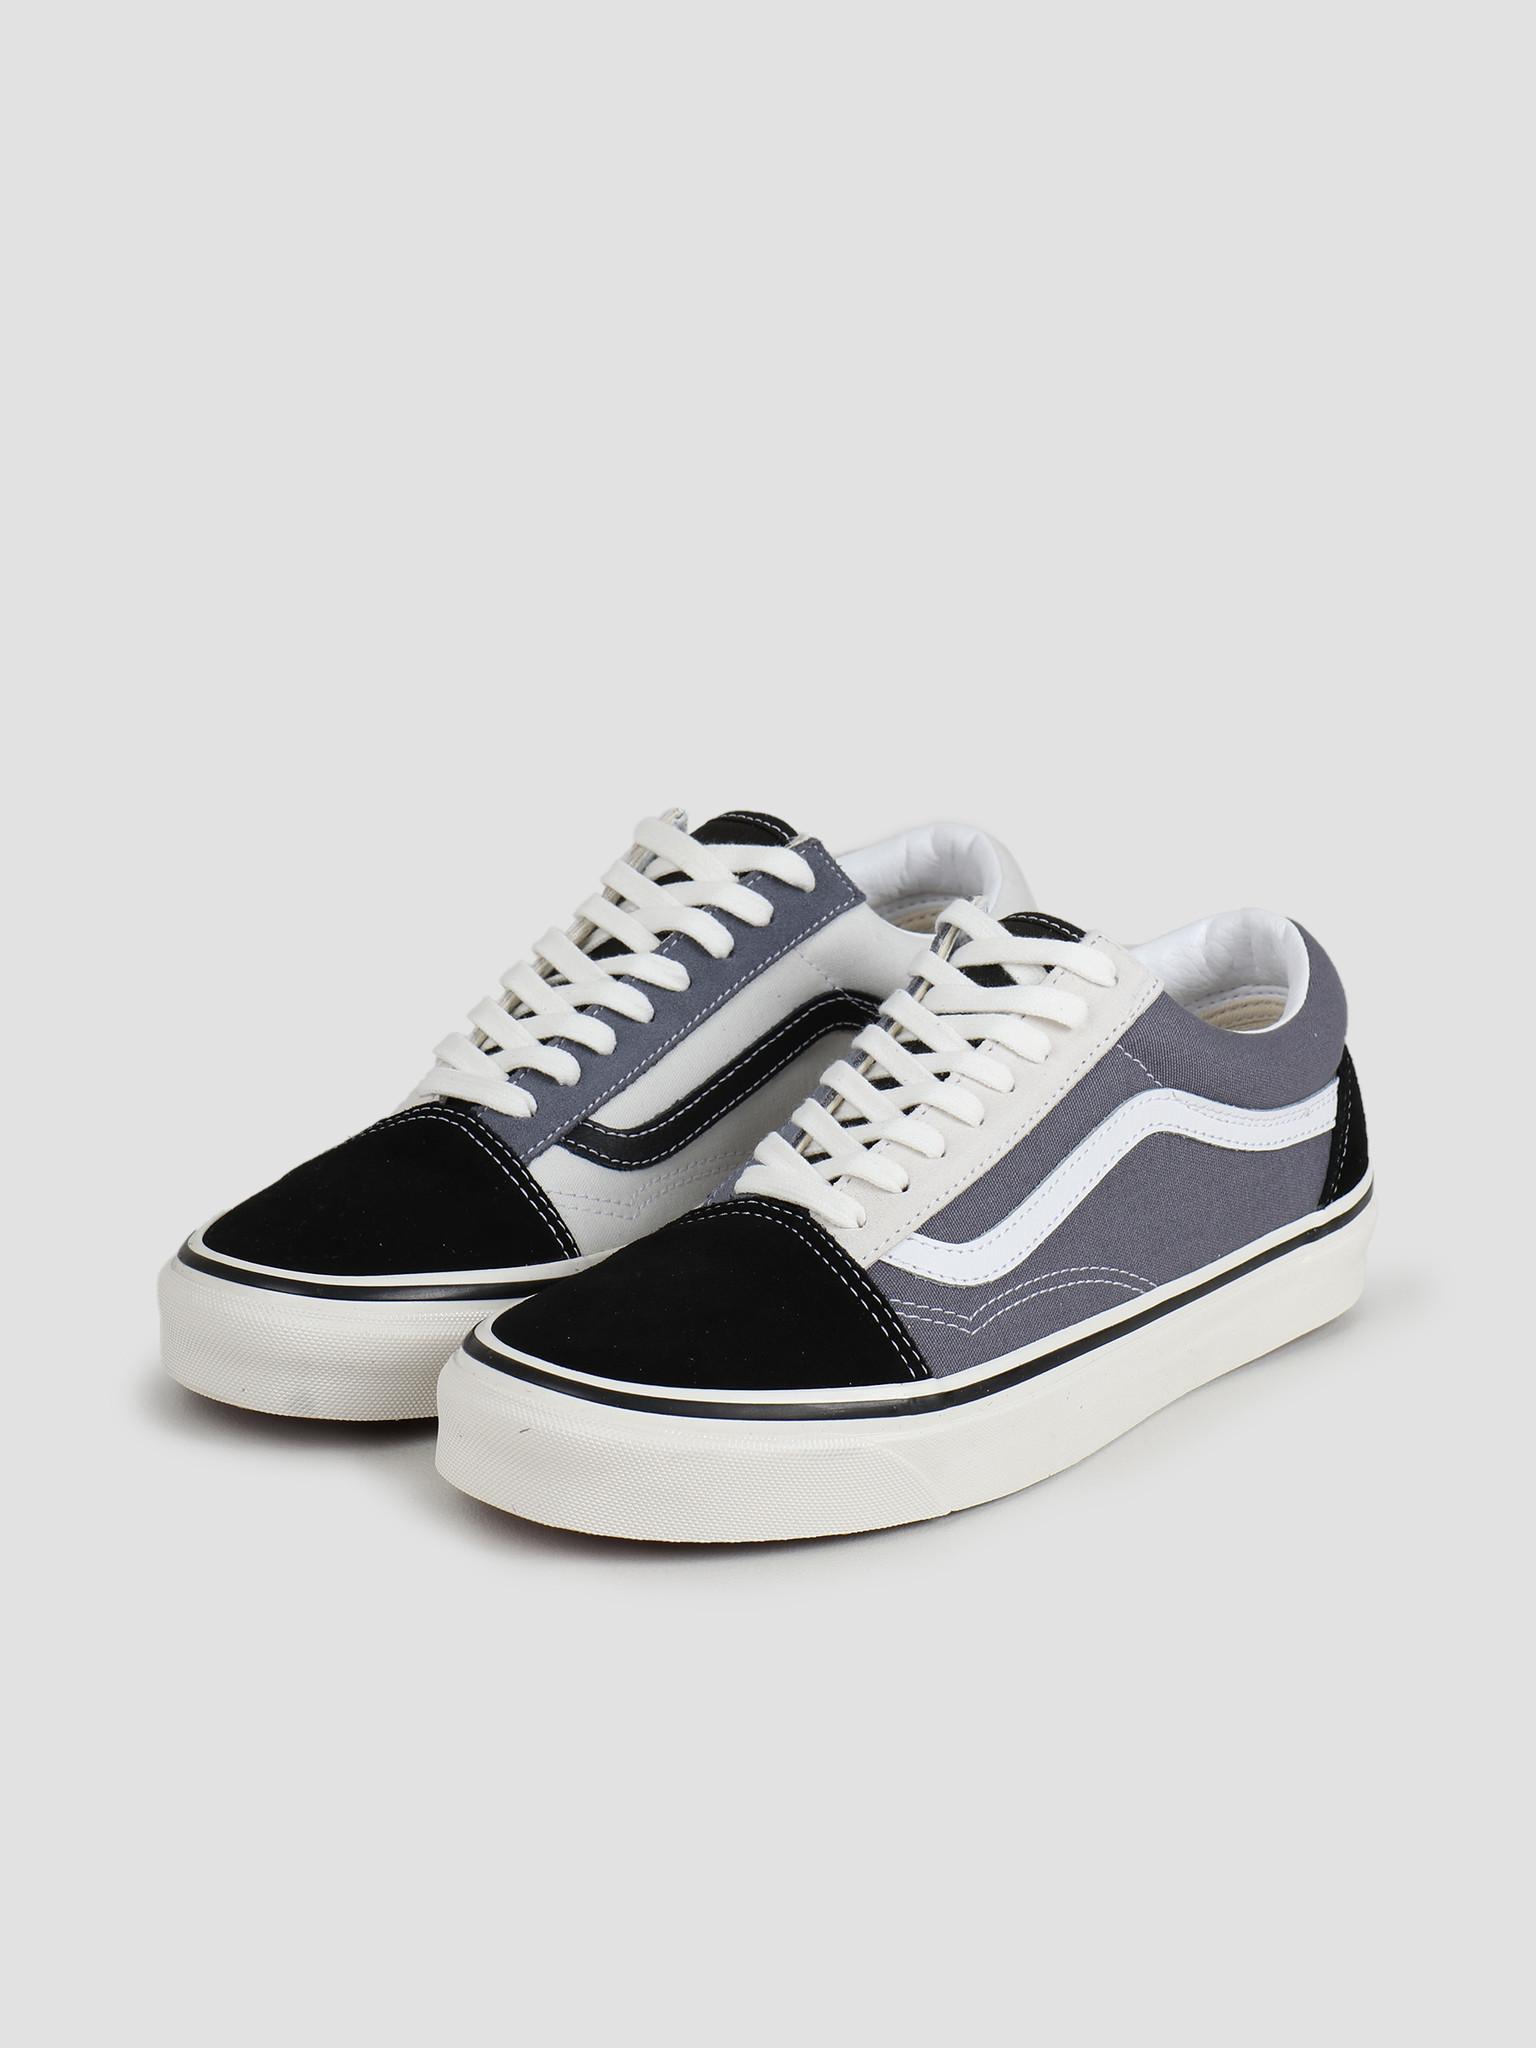 Vans Vans UA Old Skool 36 DX Anaheim OG Black OG Gray OG White VN0A38G2XFI1